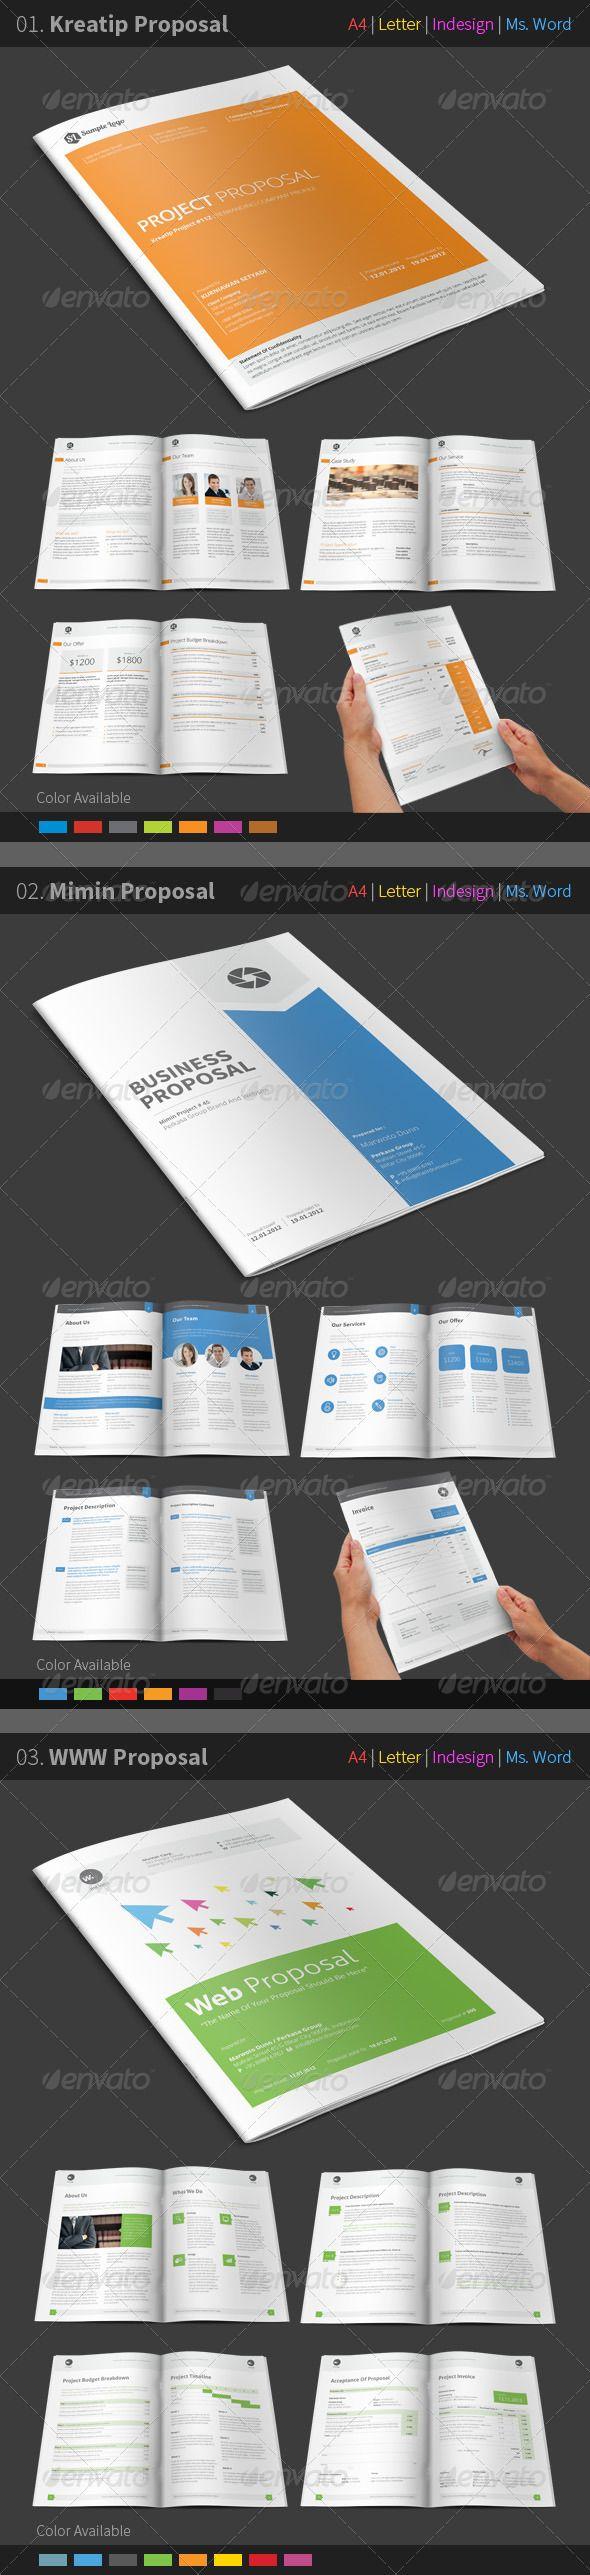 free proposal template%0A Proposal Bundle